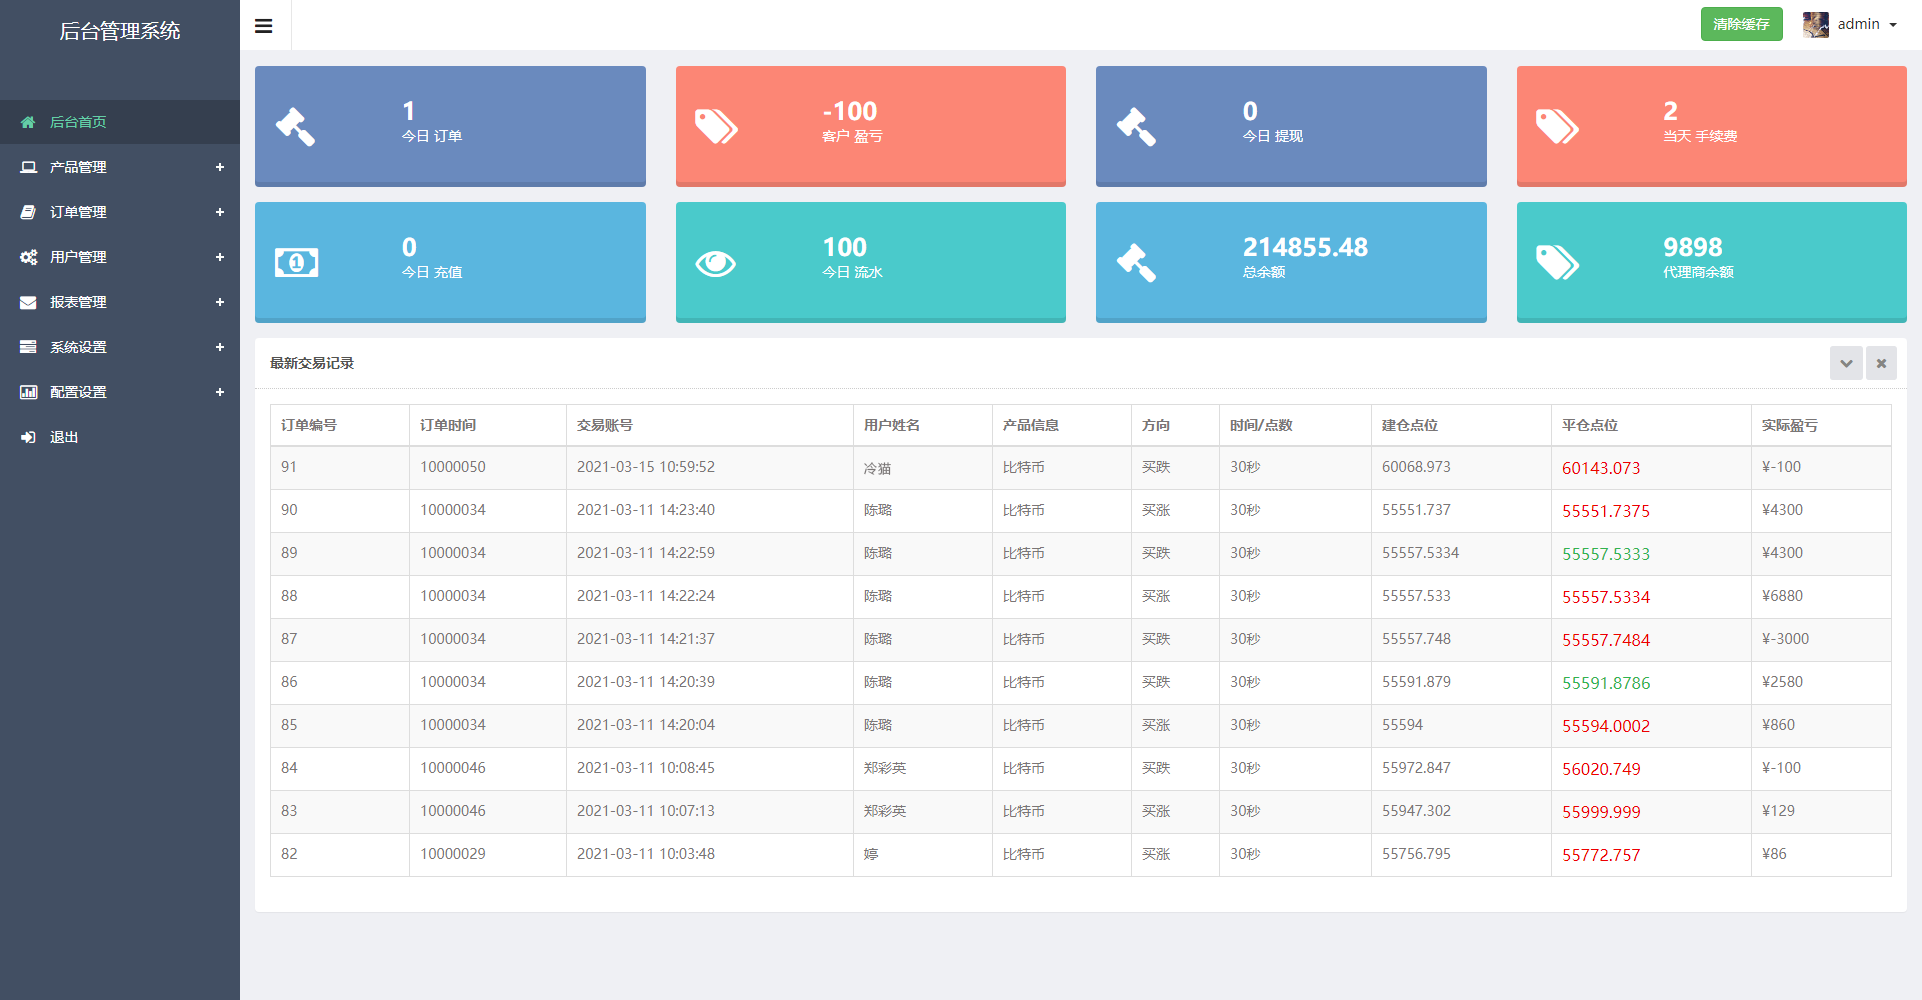 亲测丨完整修复版币圈扁平化UI源码服务器打包下载/k线圈修复